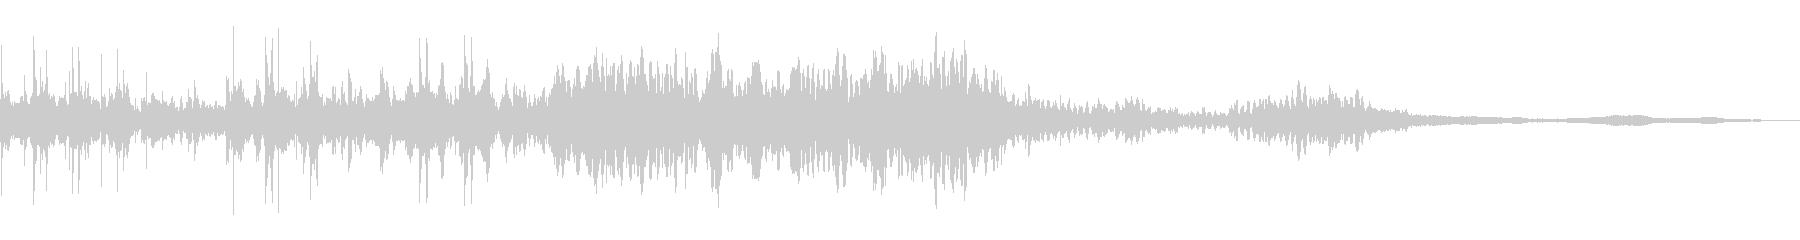 パルス症候群ミュージカルパルサーの未再生の波形